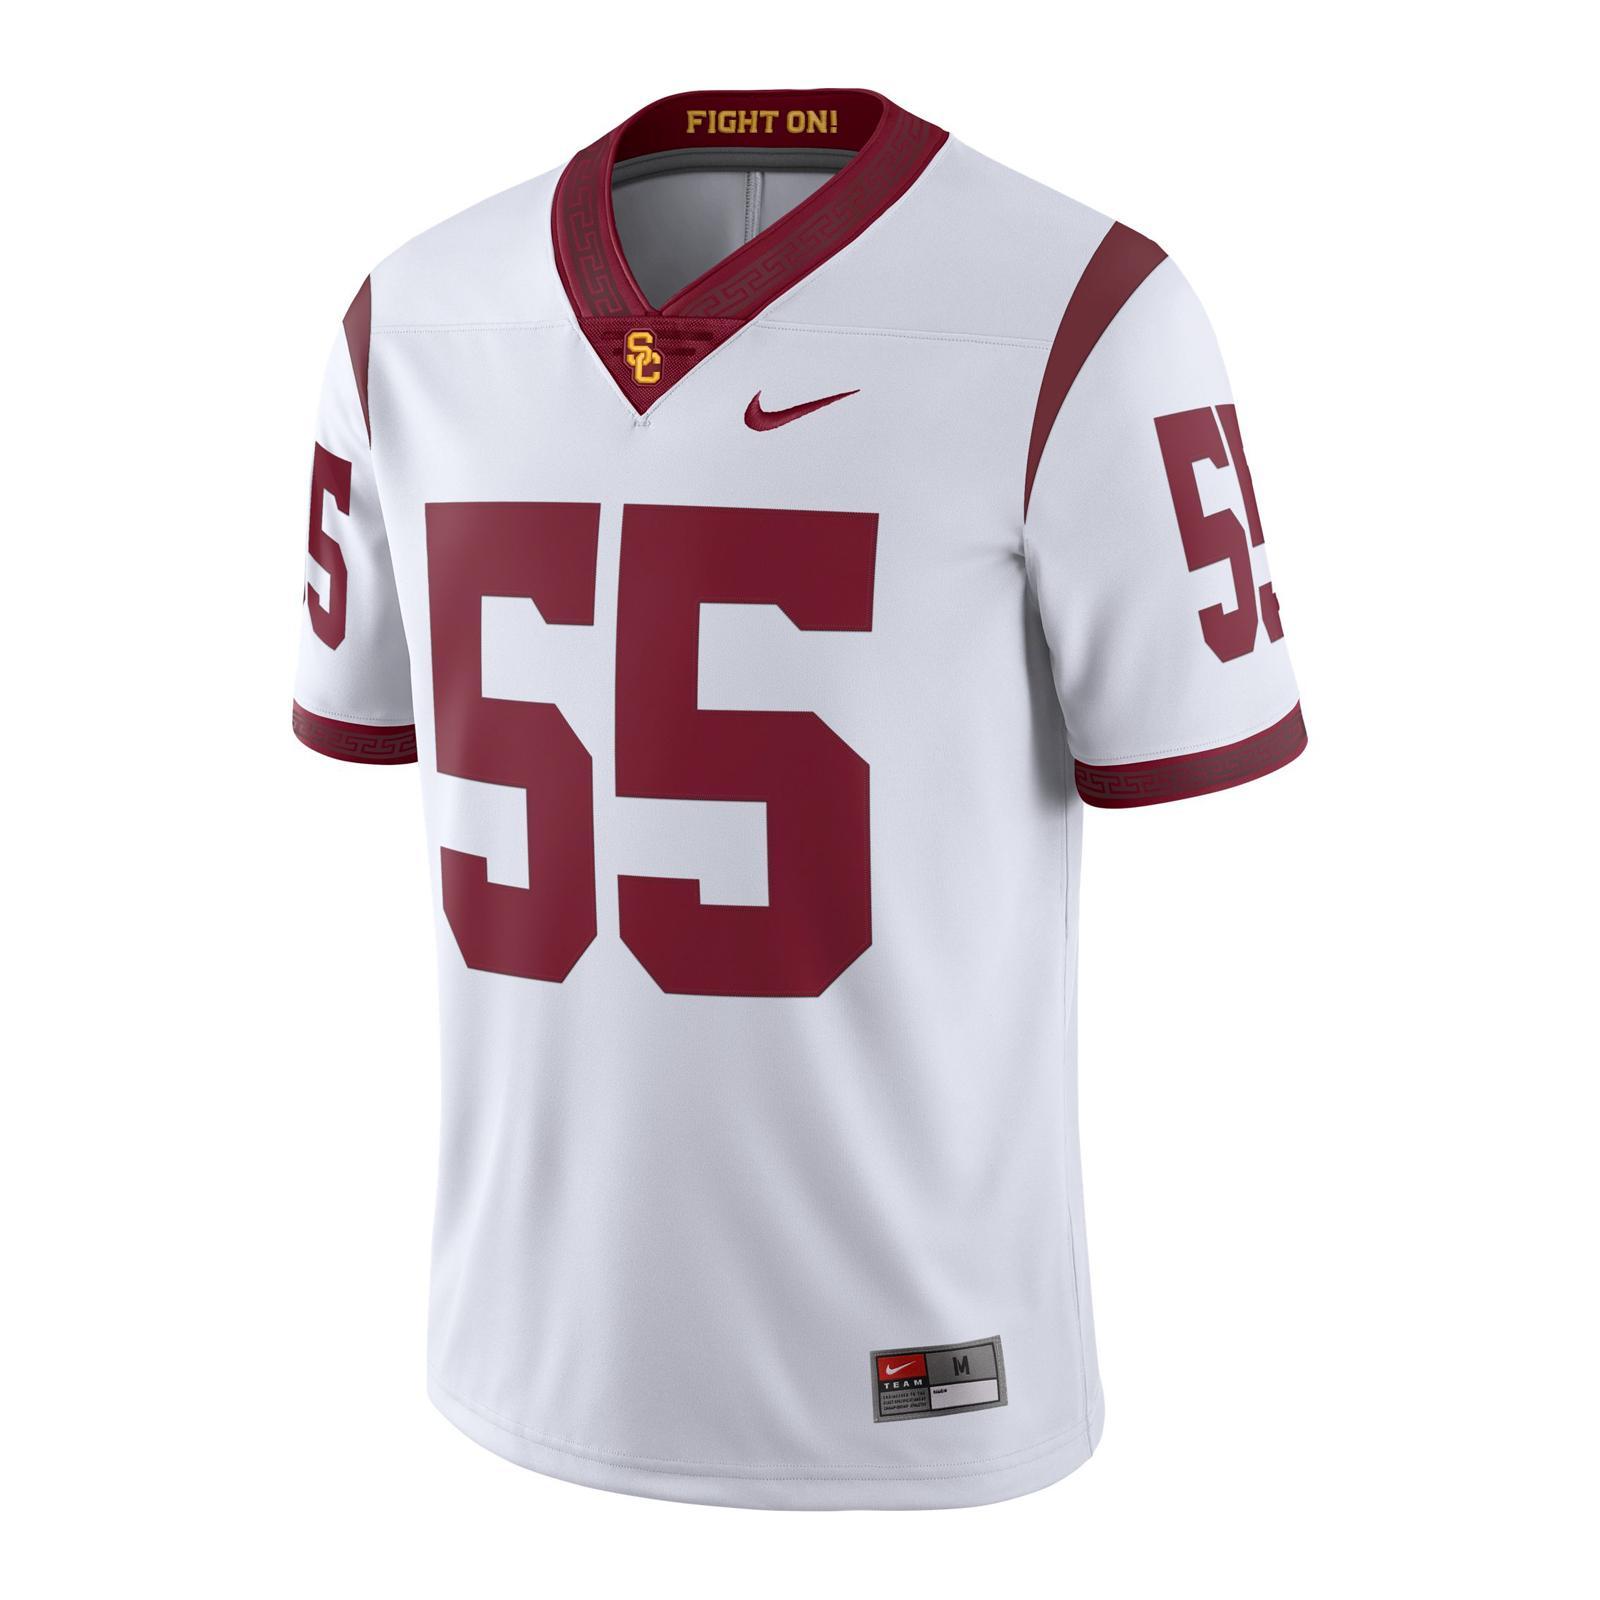 online store 3d91f e5e3c Official USC Trojans Men's Jerseys, USC Football Jersey ...